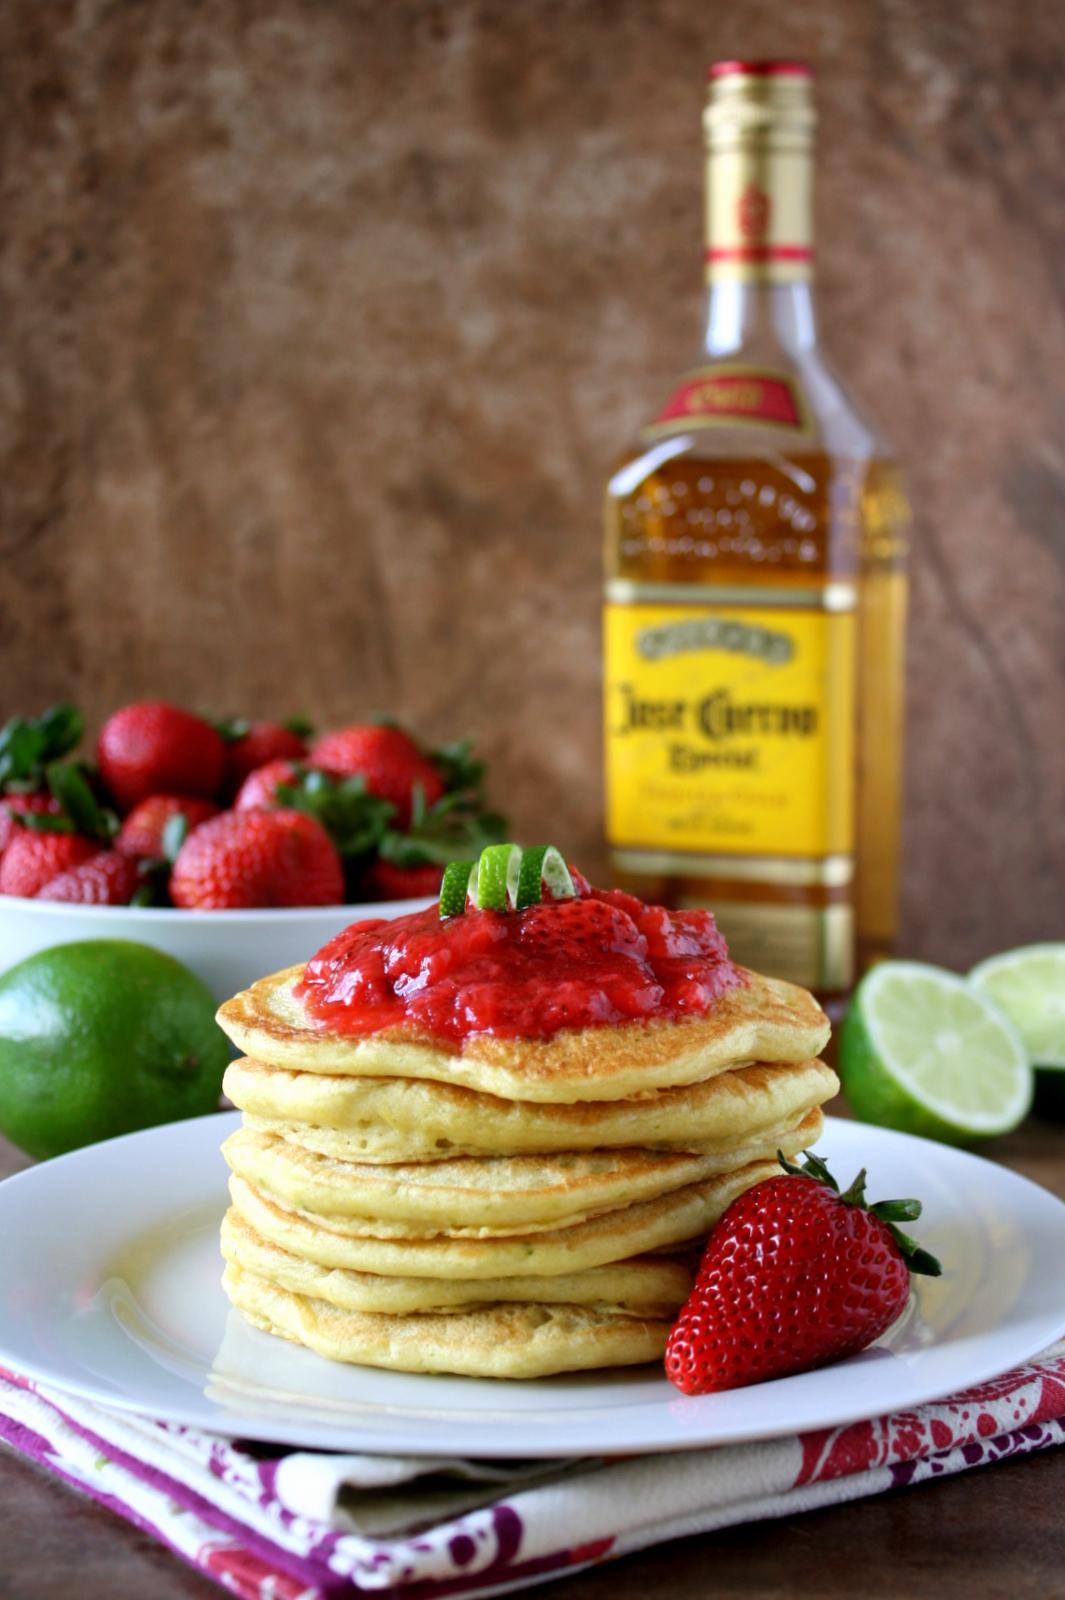 strawberry lime margarita pancakes